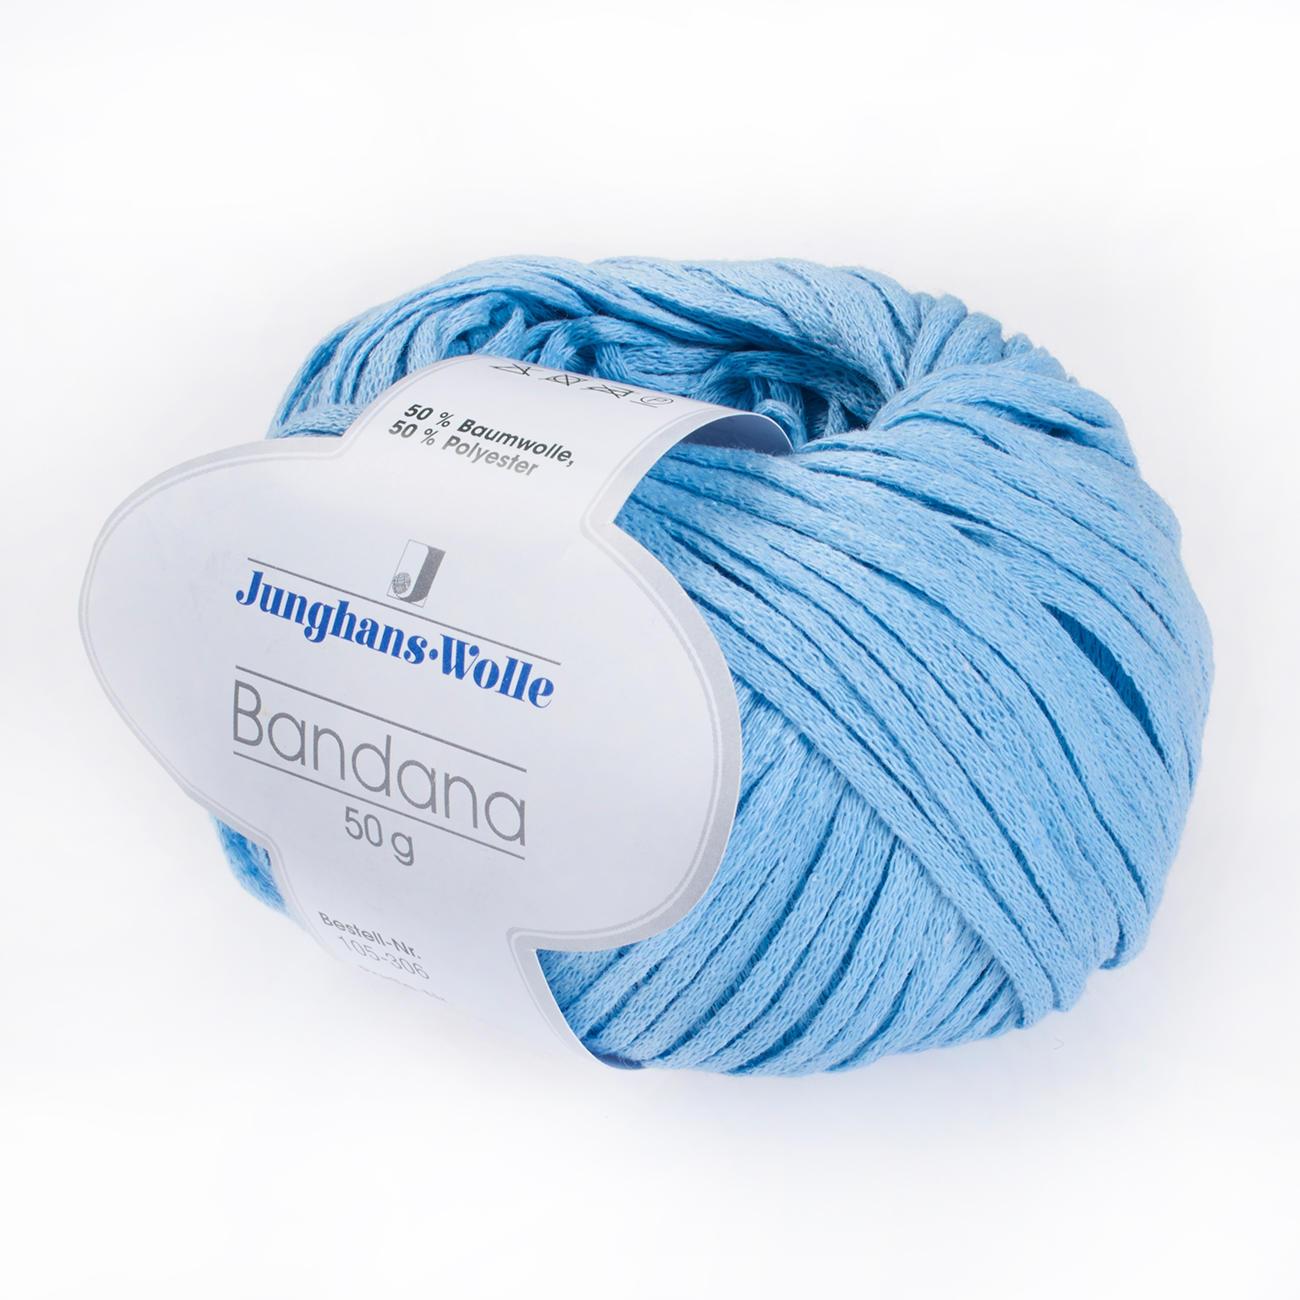 Bandana von Junghans-Wolle, 25 versch. Farben